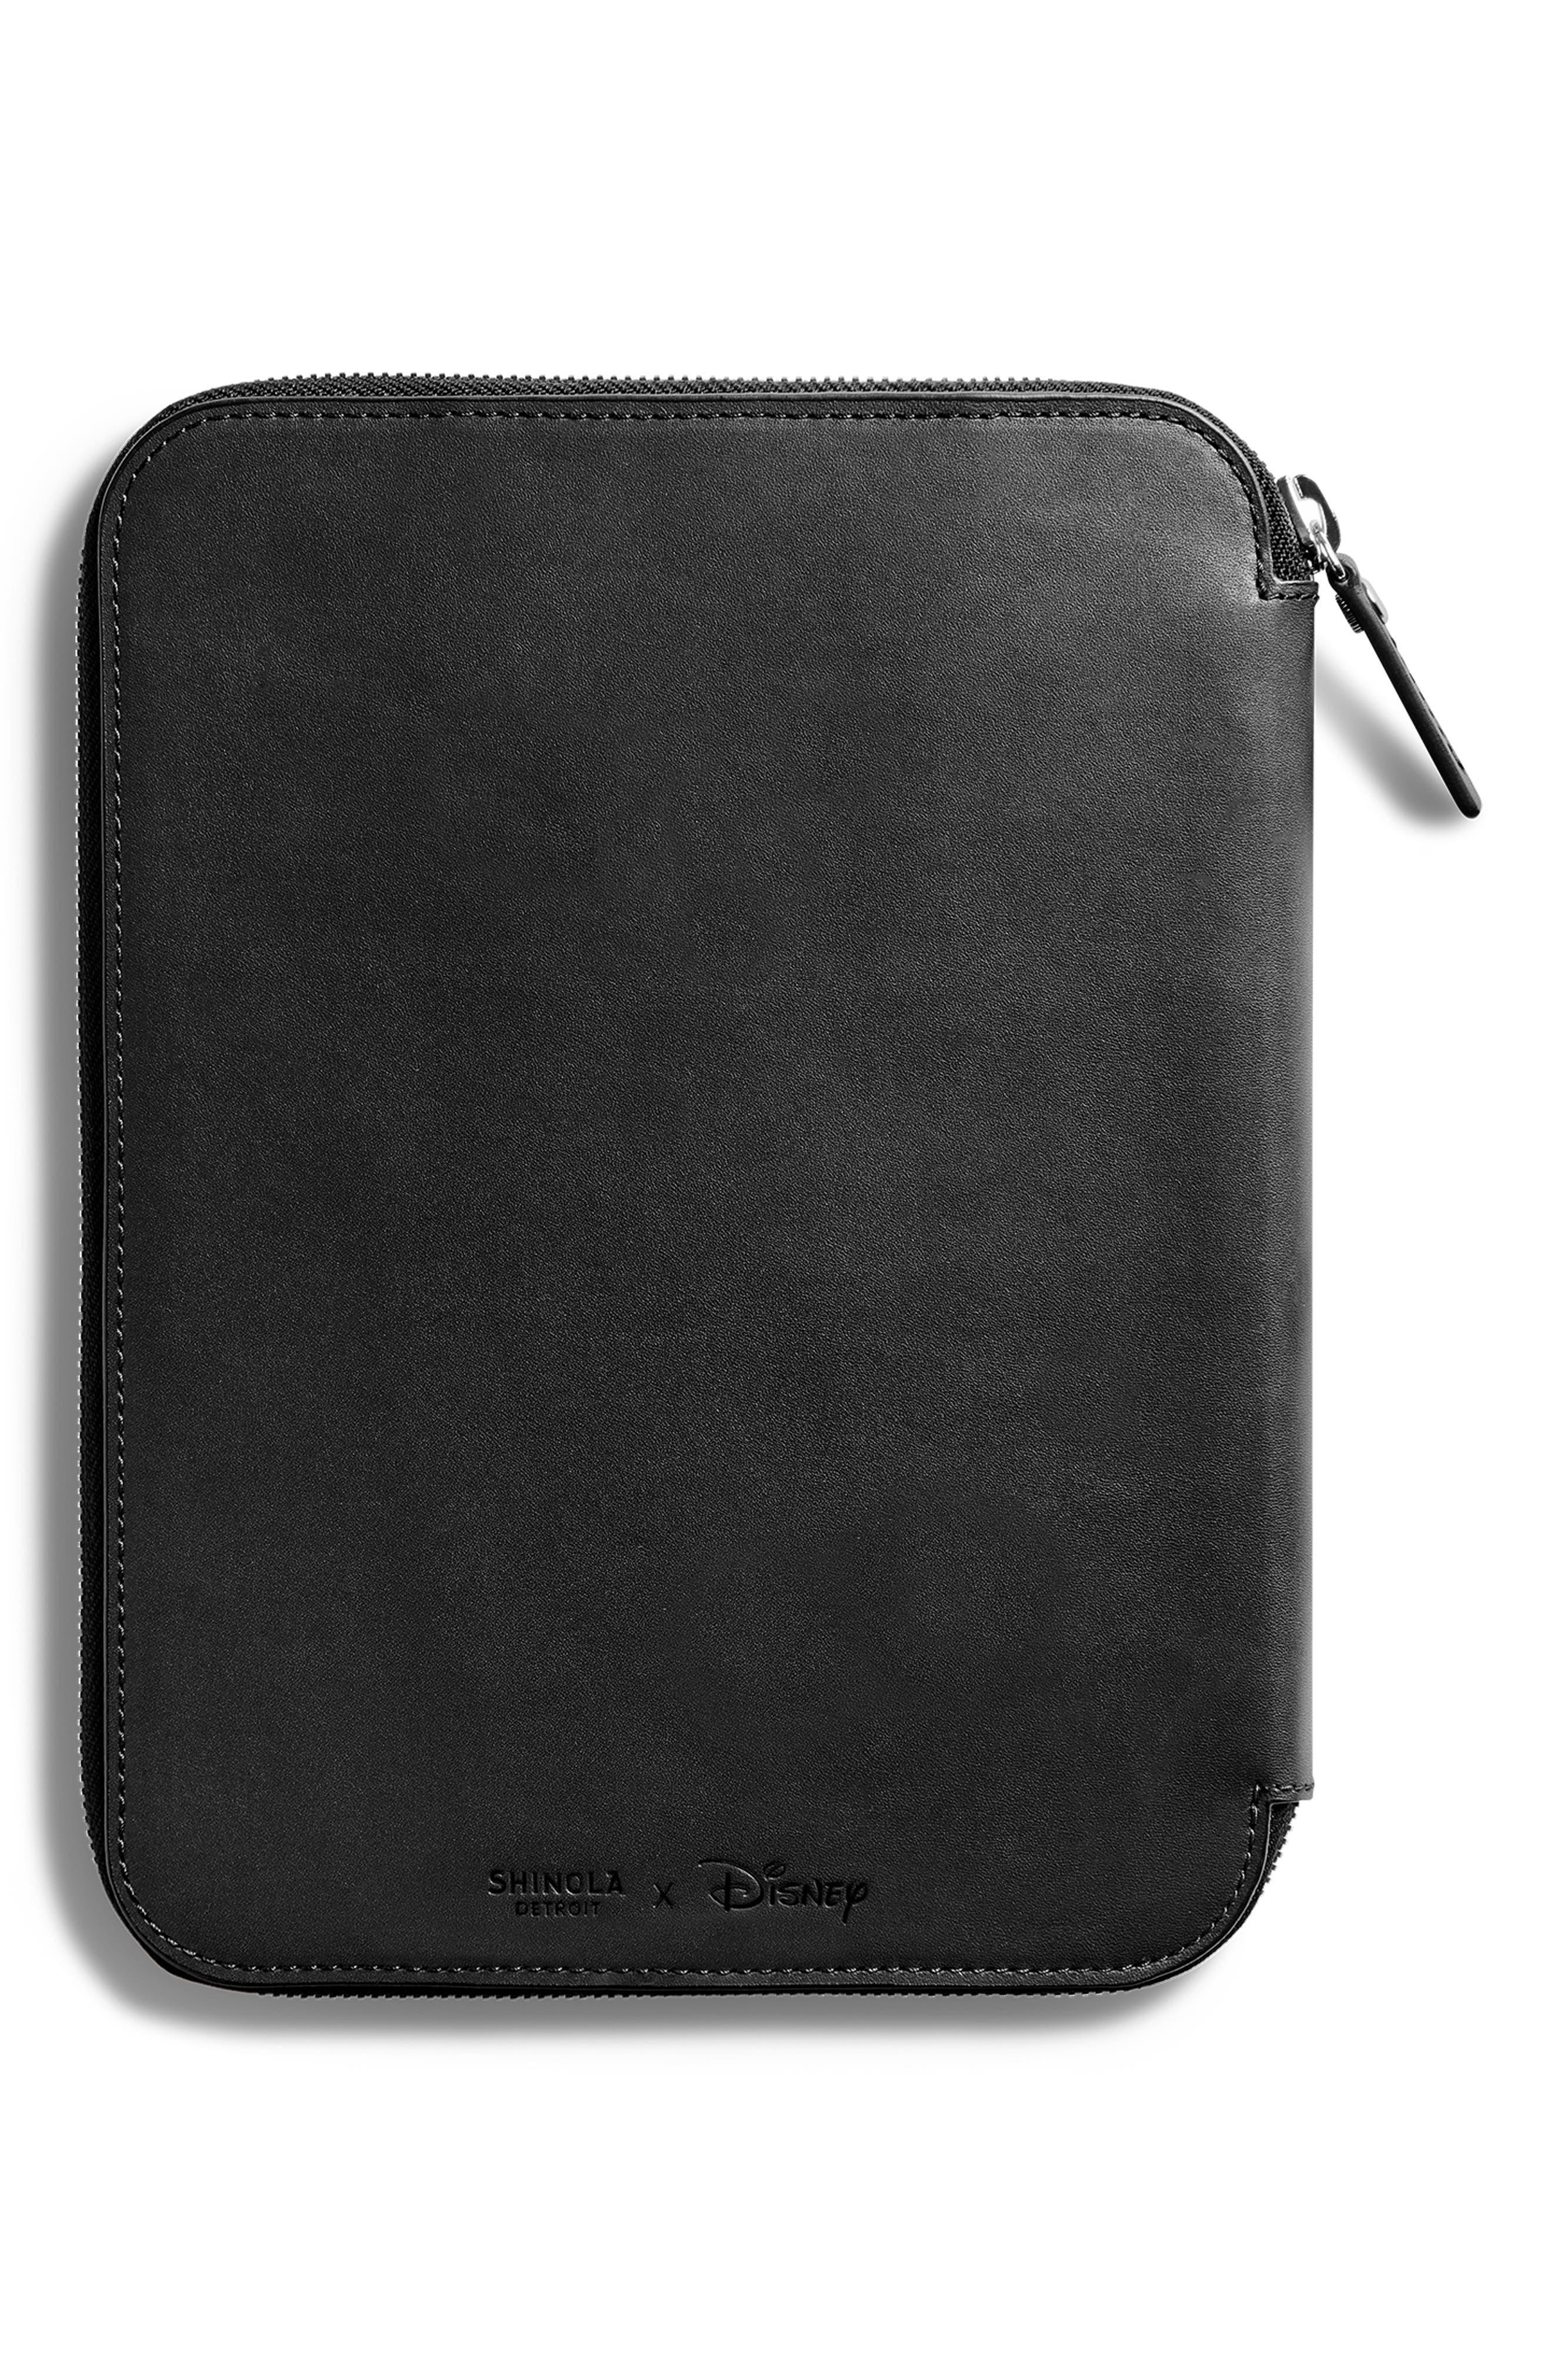 SHINOLA,                             x Disney Leather Tech Portfolio,                             Alternate thumbnail 2, color,                             BLACK